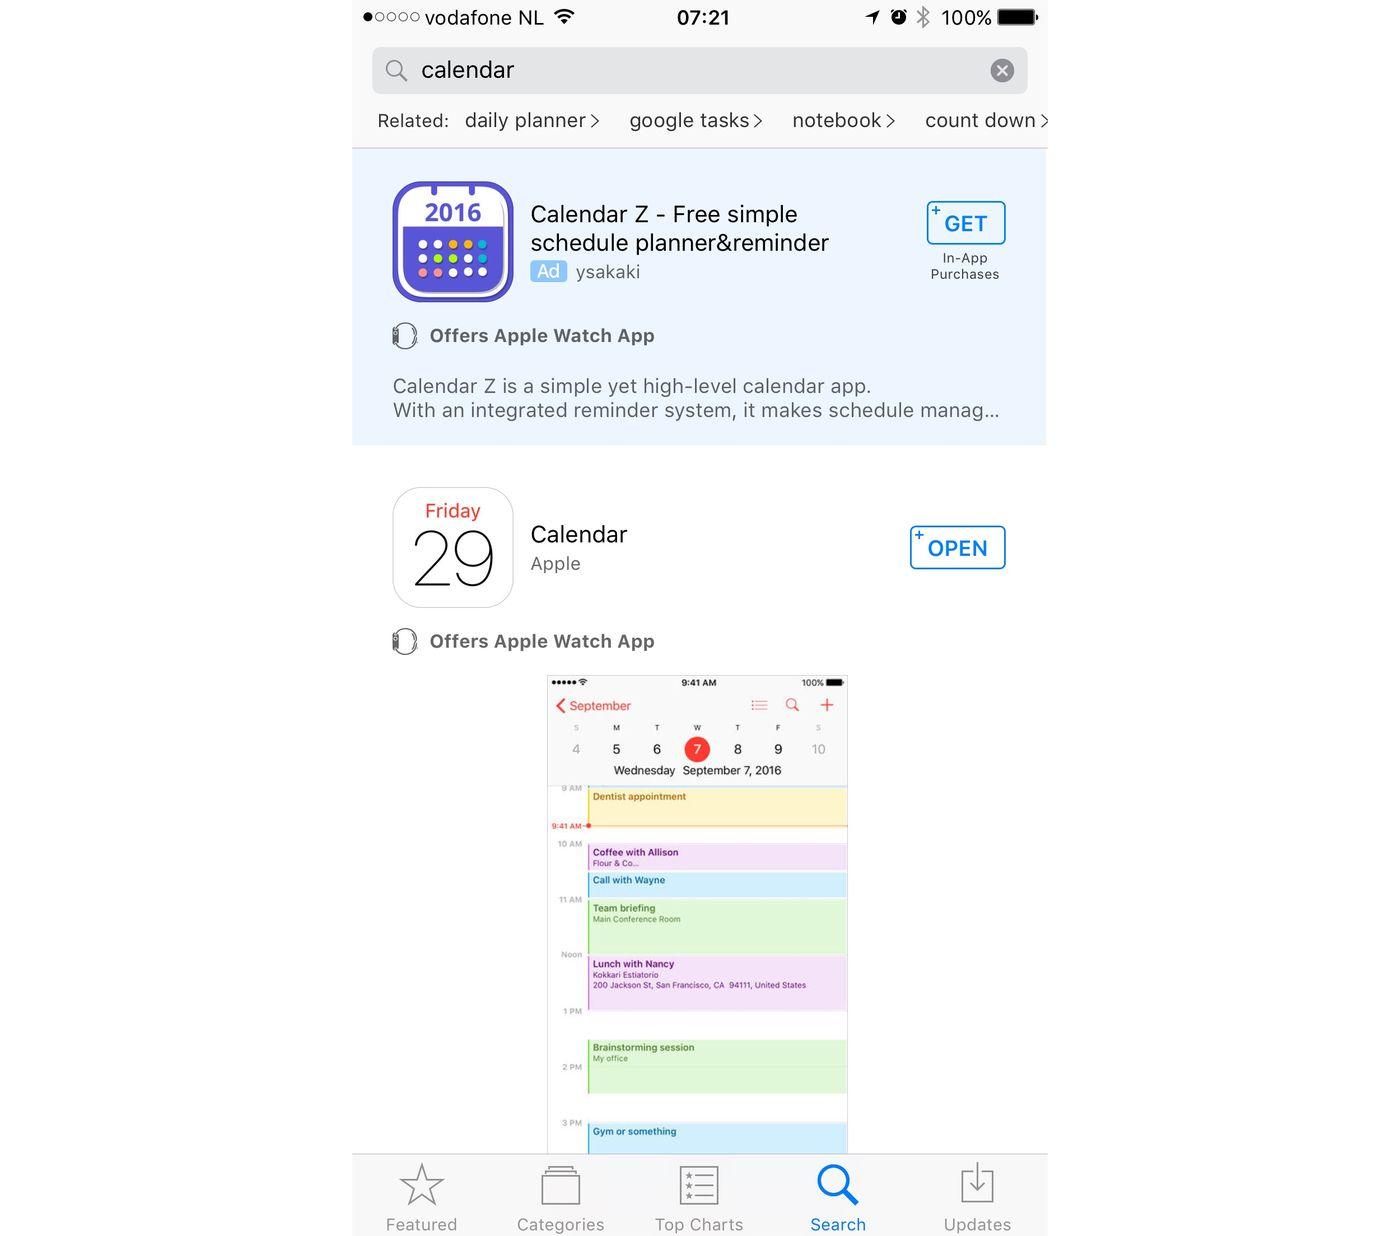 meest populaire aansluiting apps 2016